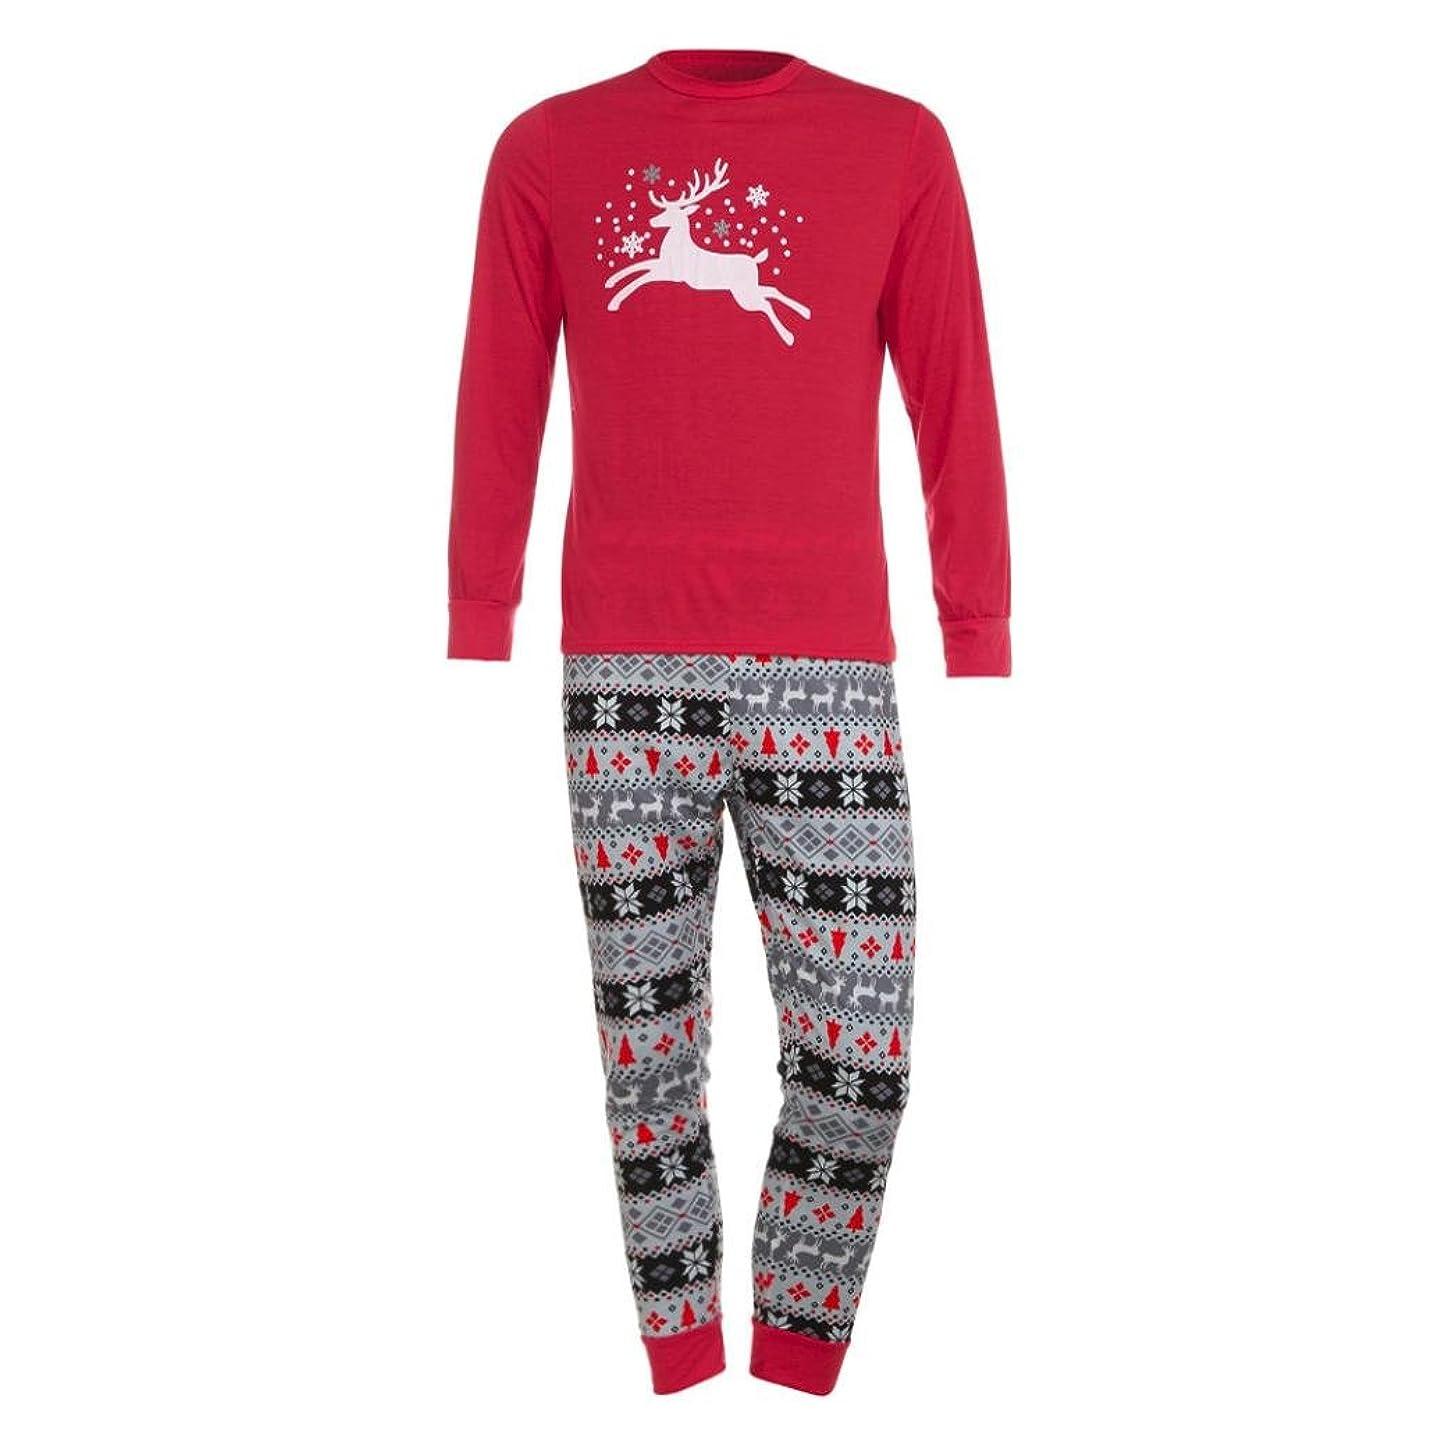 馬鹿げた理容師太鼓腹ファミリMatchingパジャマセットクリスマス鹿Tシャツトップスブラウスパンツfor the Family (メンズ) L グレイ TZZ70703662